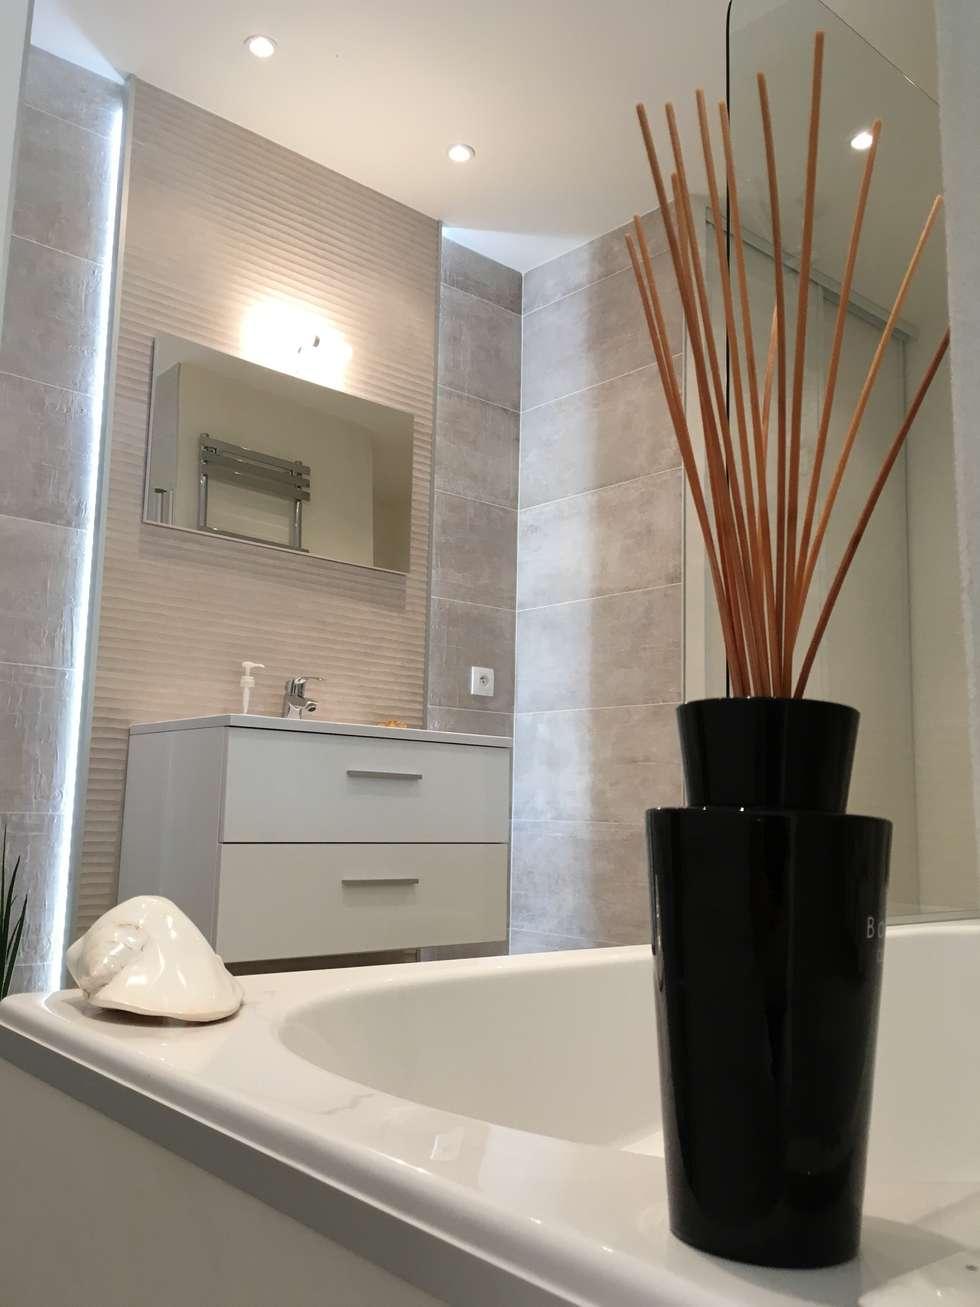 Eclairage intégré dans une salle de bain  - photo de réalisation: Salle de bains de style  par Christine Vuillod, Architecte d'intérieur